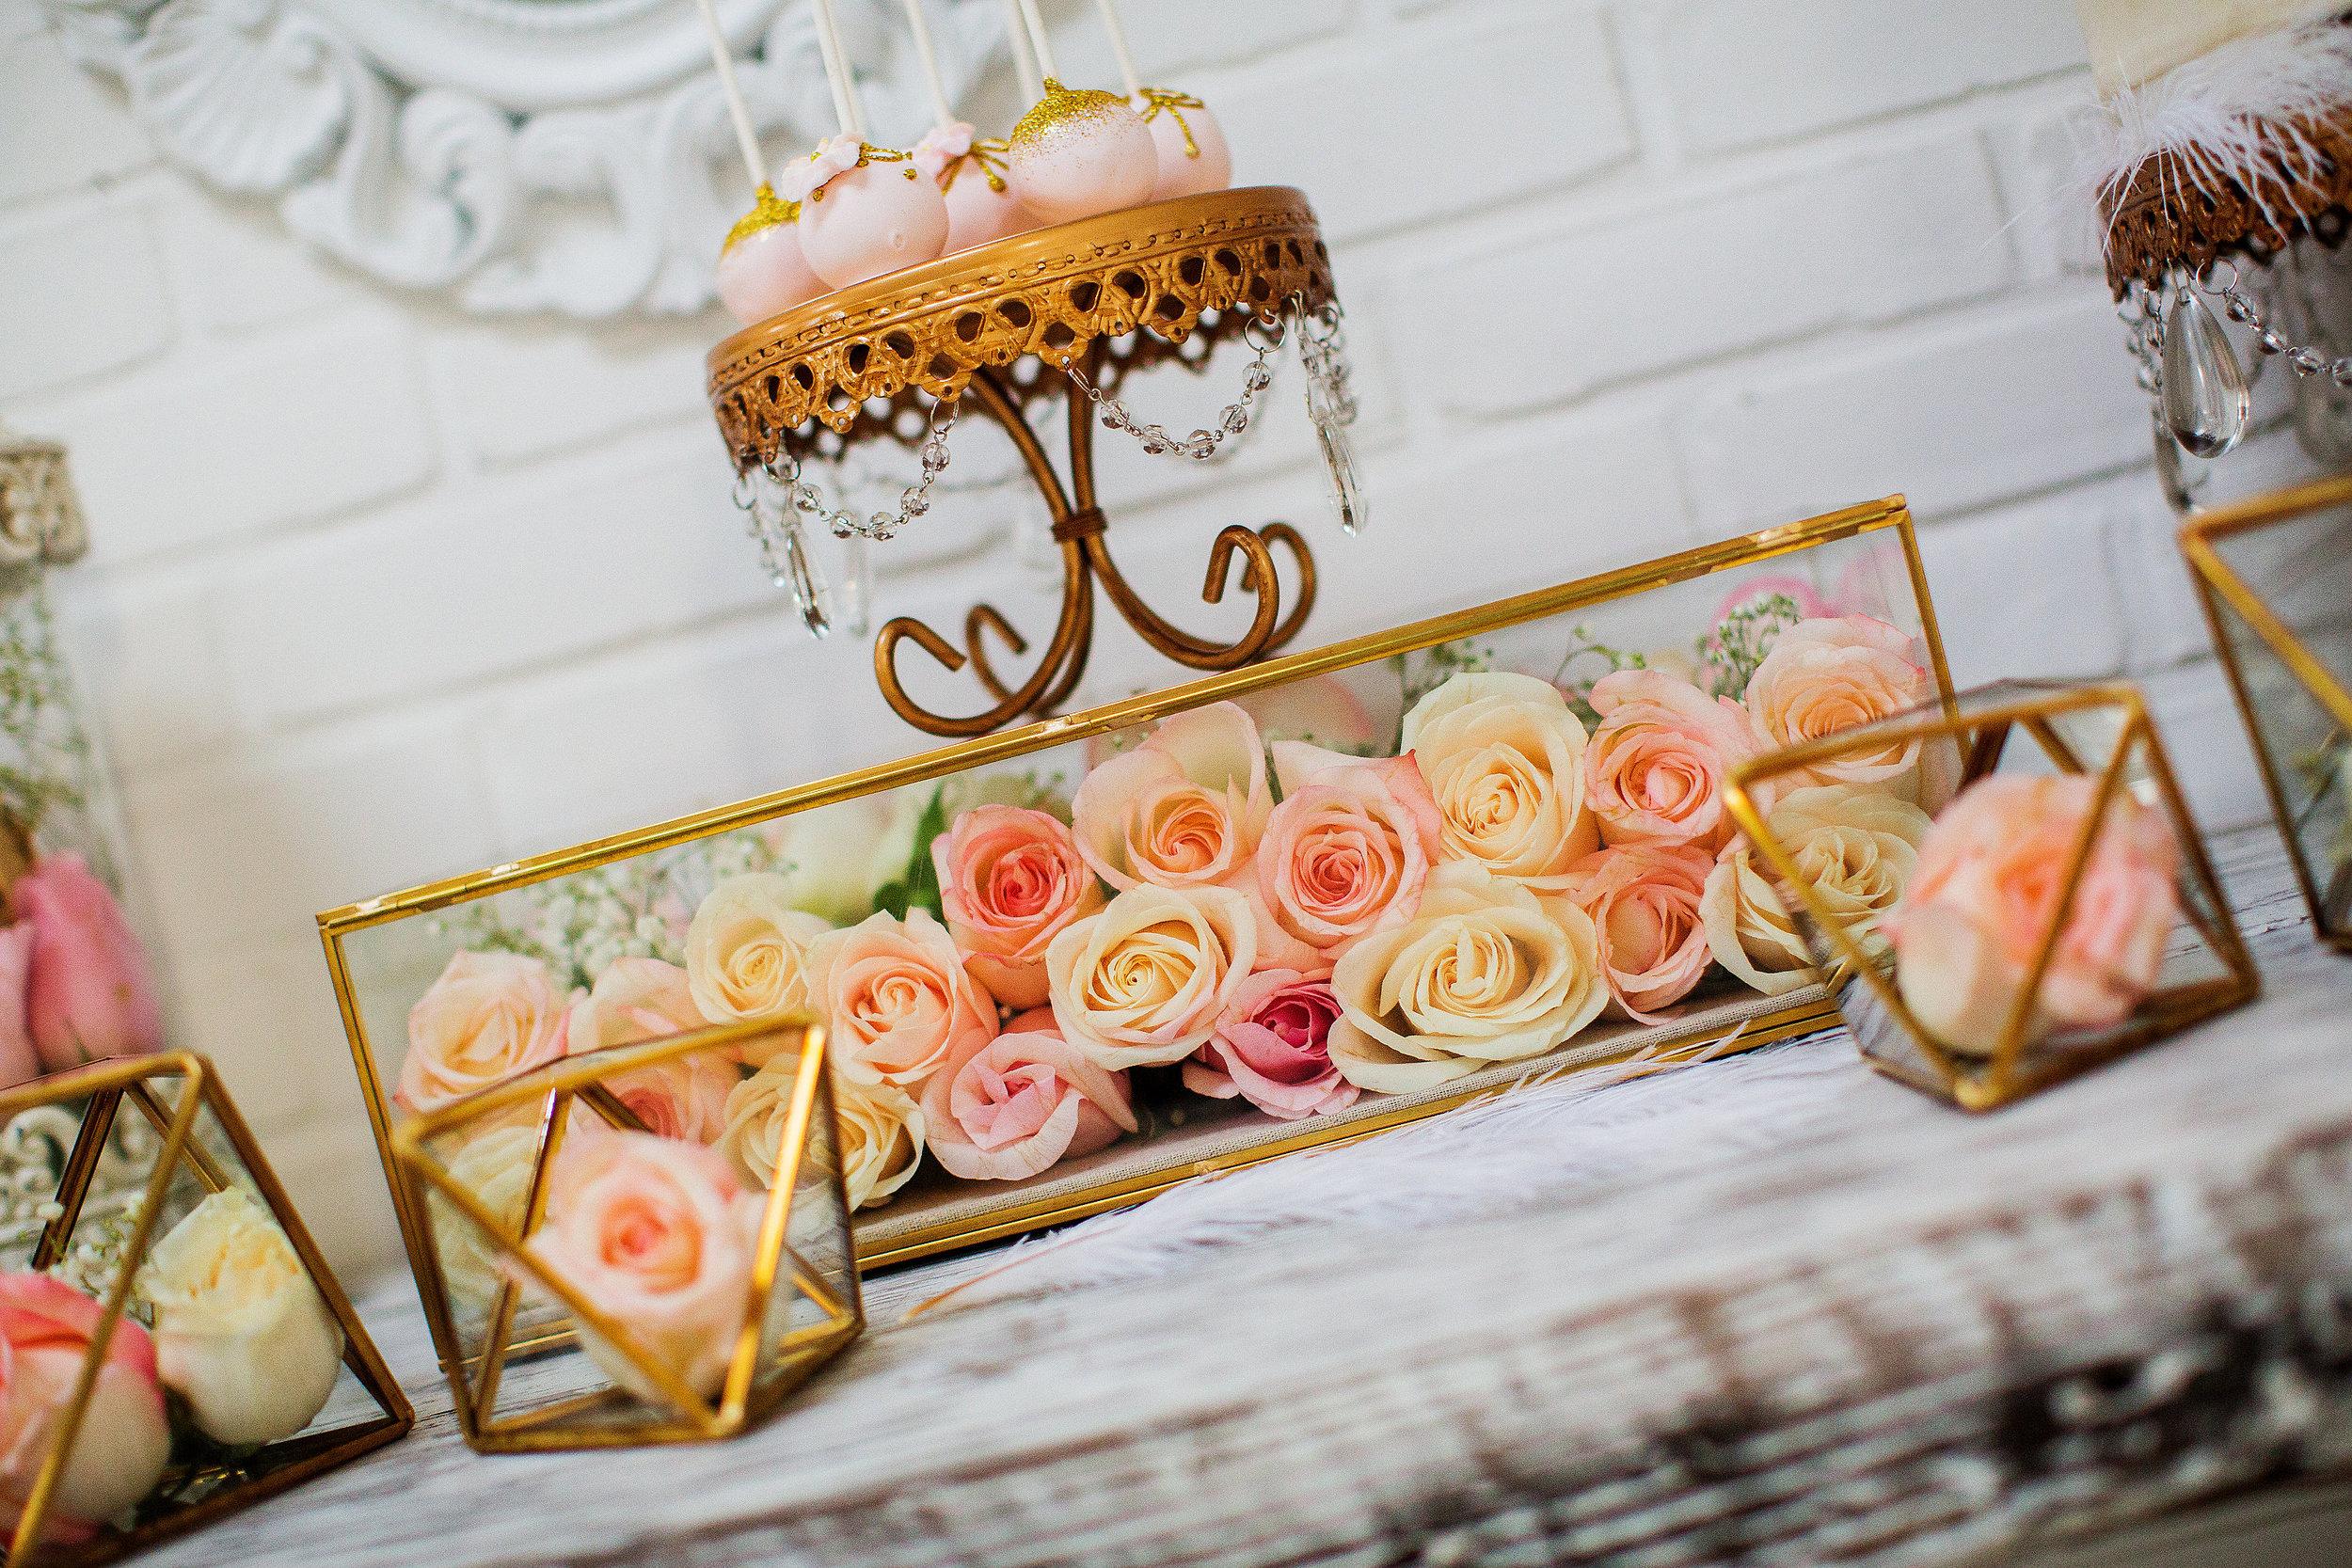 BONITO_DESIGN_WEDDING.jpg